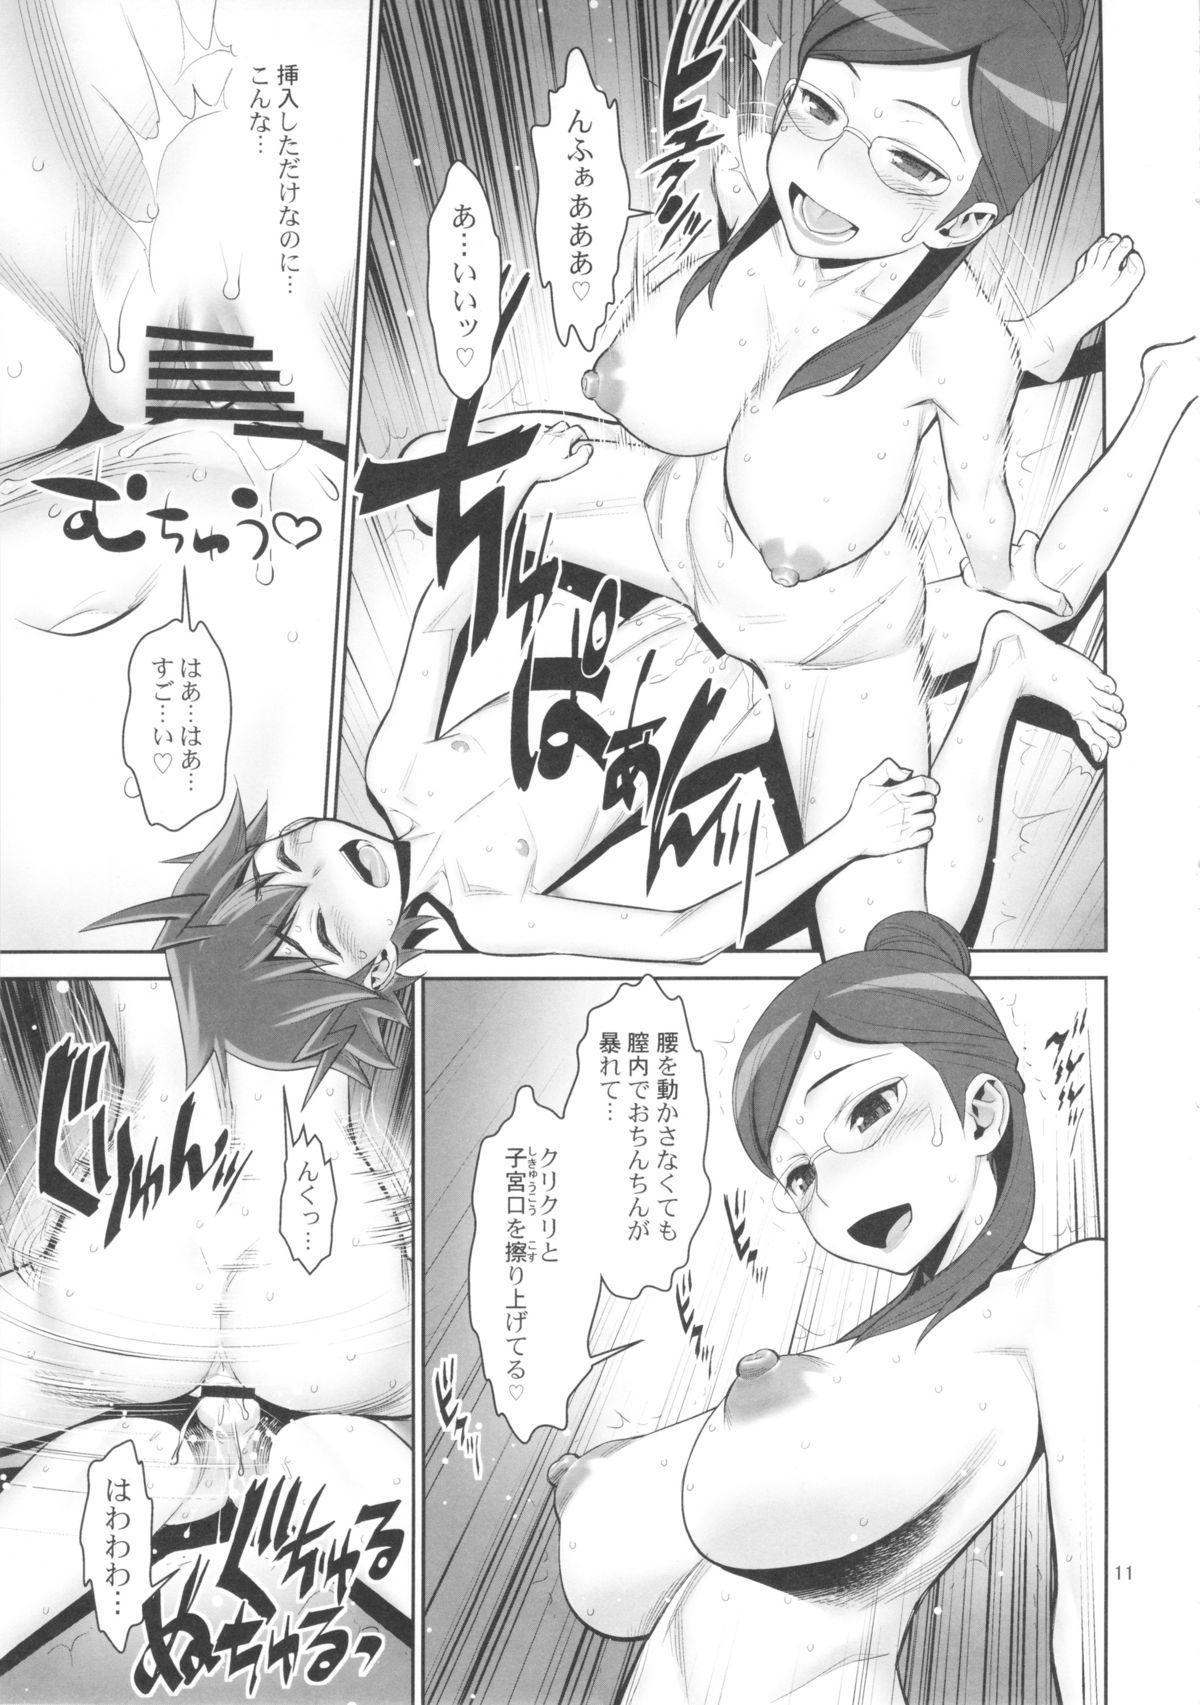 Chousoku Kankei Gyro Fucker 9